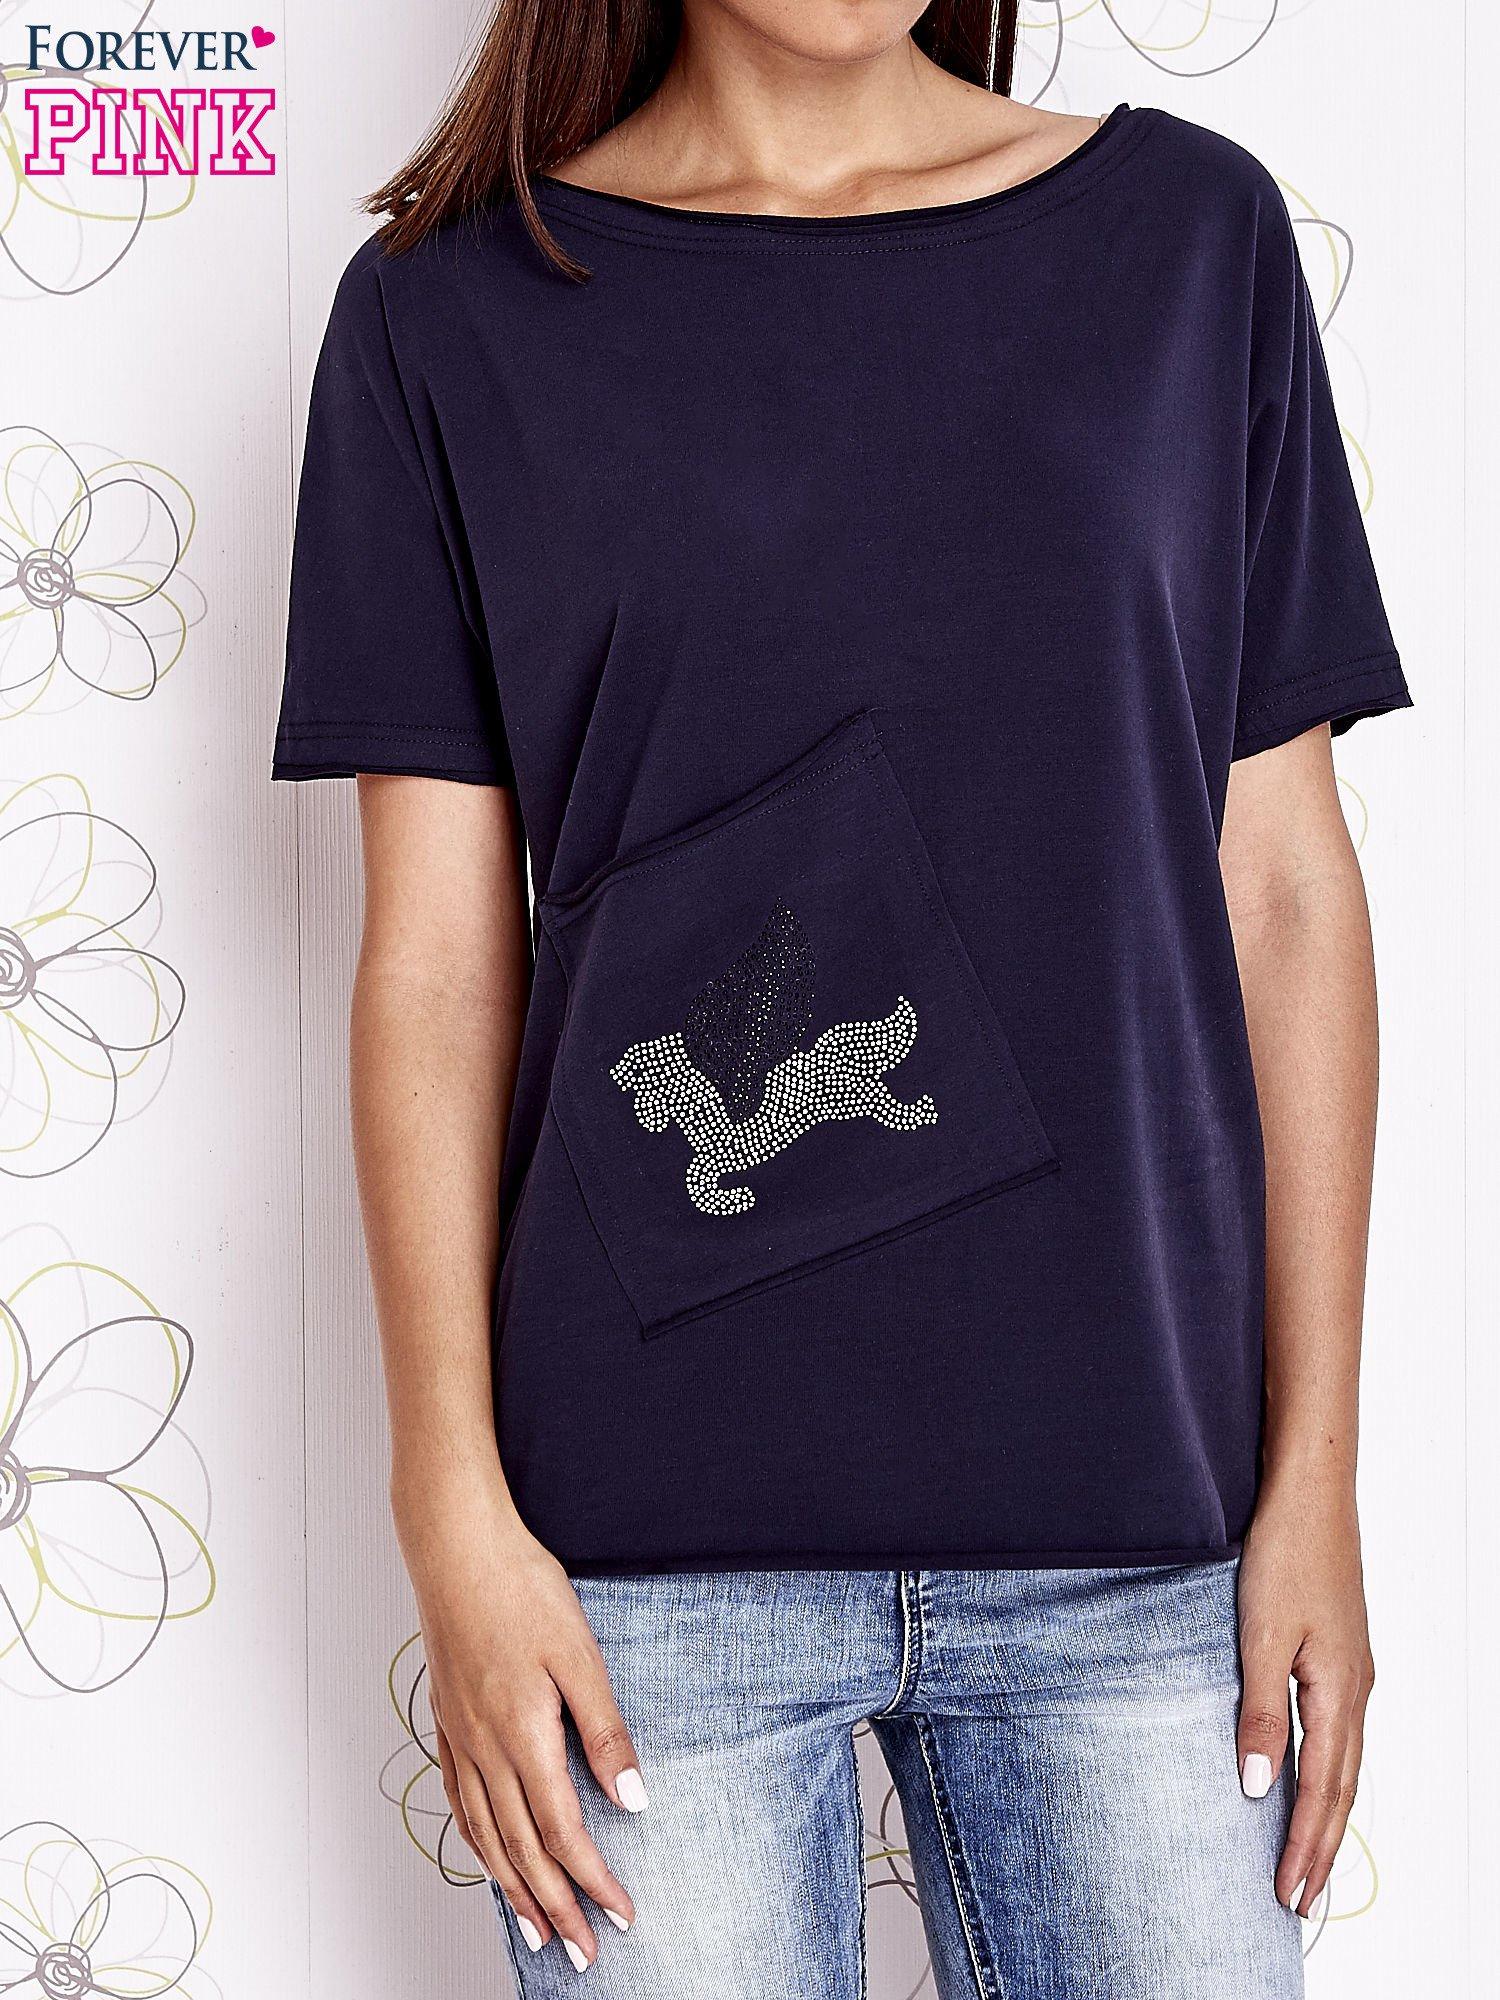 Granatowy t-shirt z ukośną kieszenią i dżetami                                  zdj.                                  1